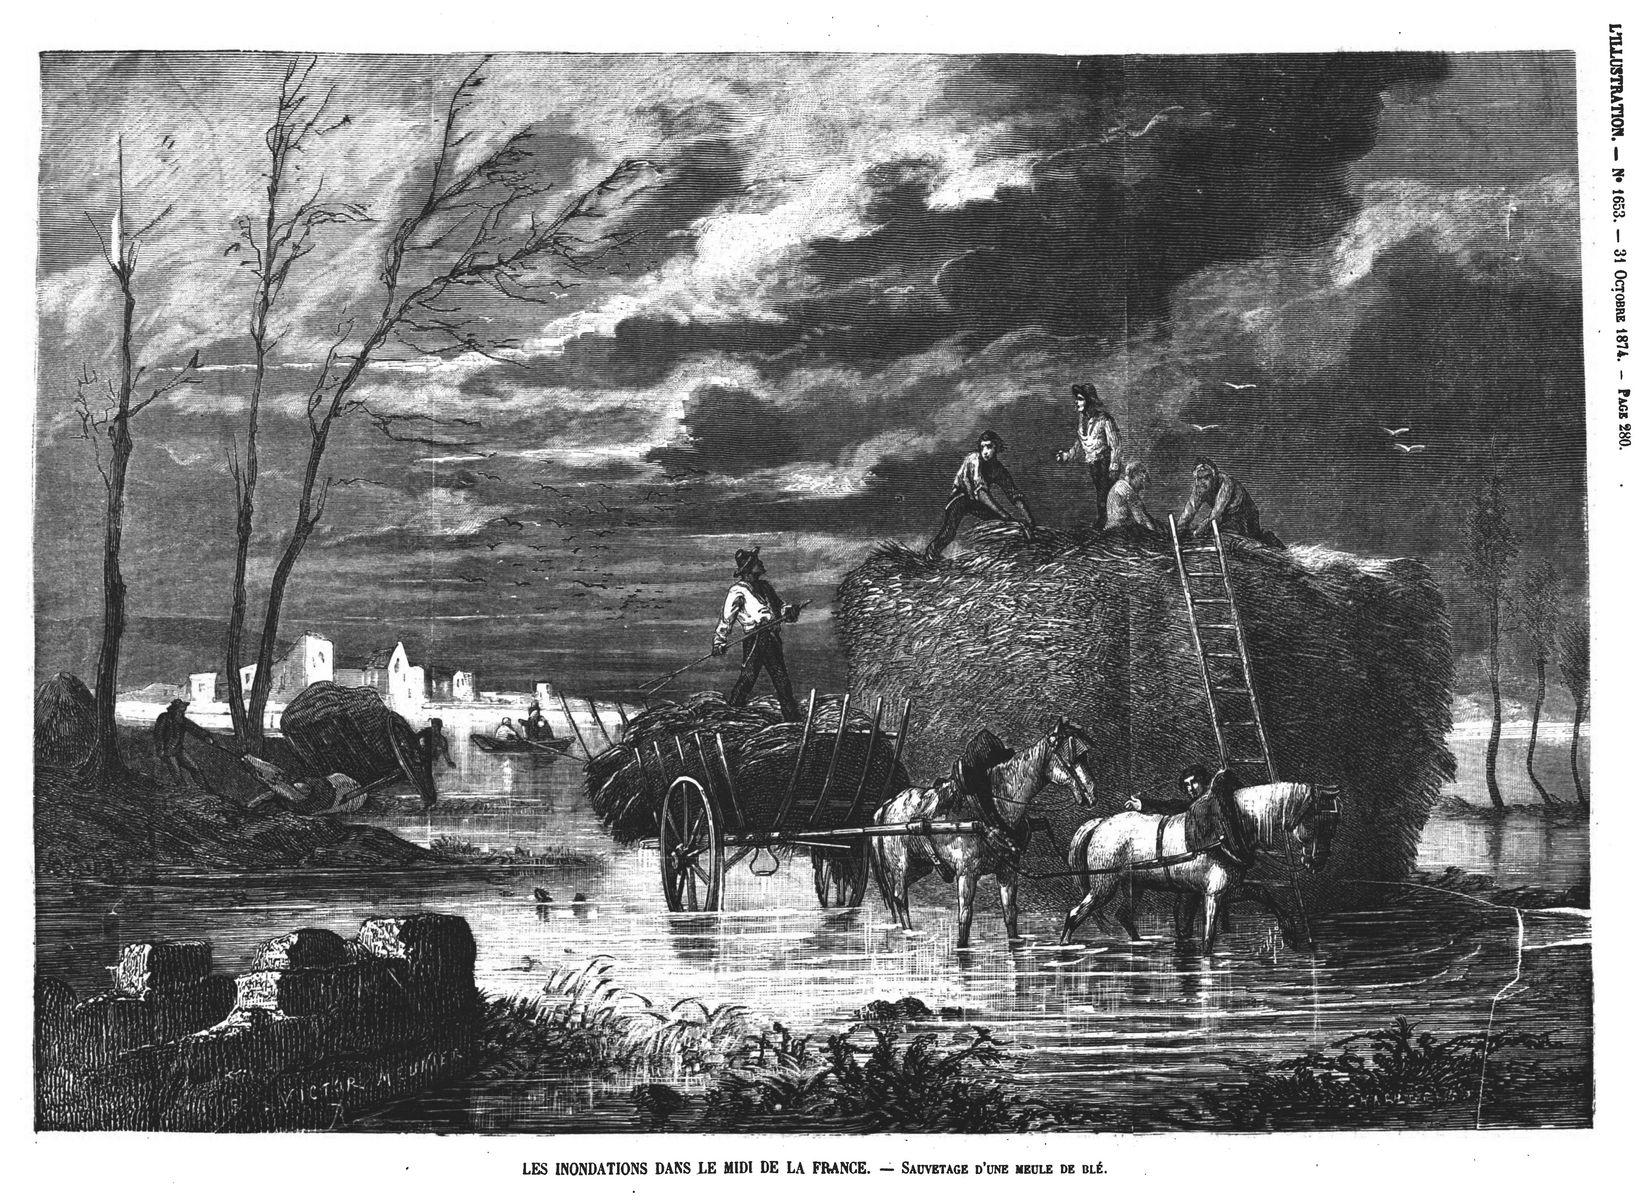 Les inondations dans le midi de la France : sauvetage d'une meule de blé. Gravure 1874